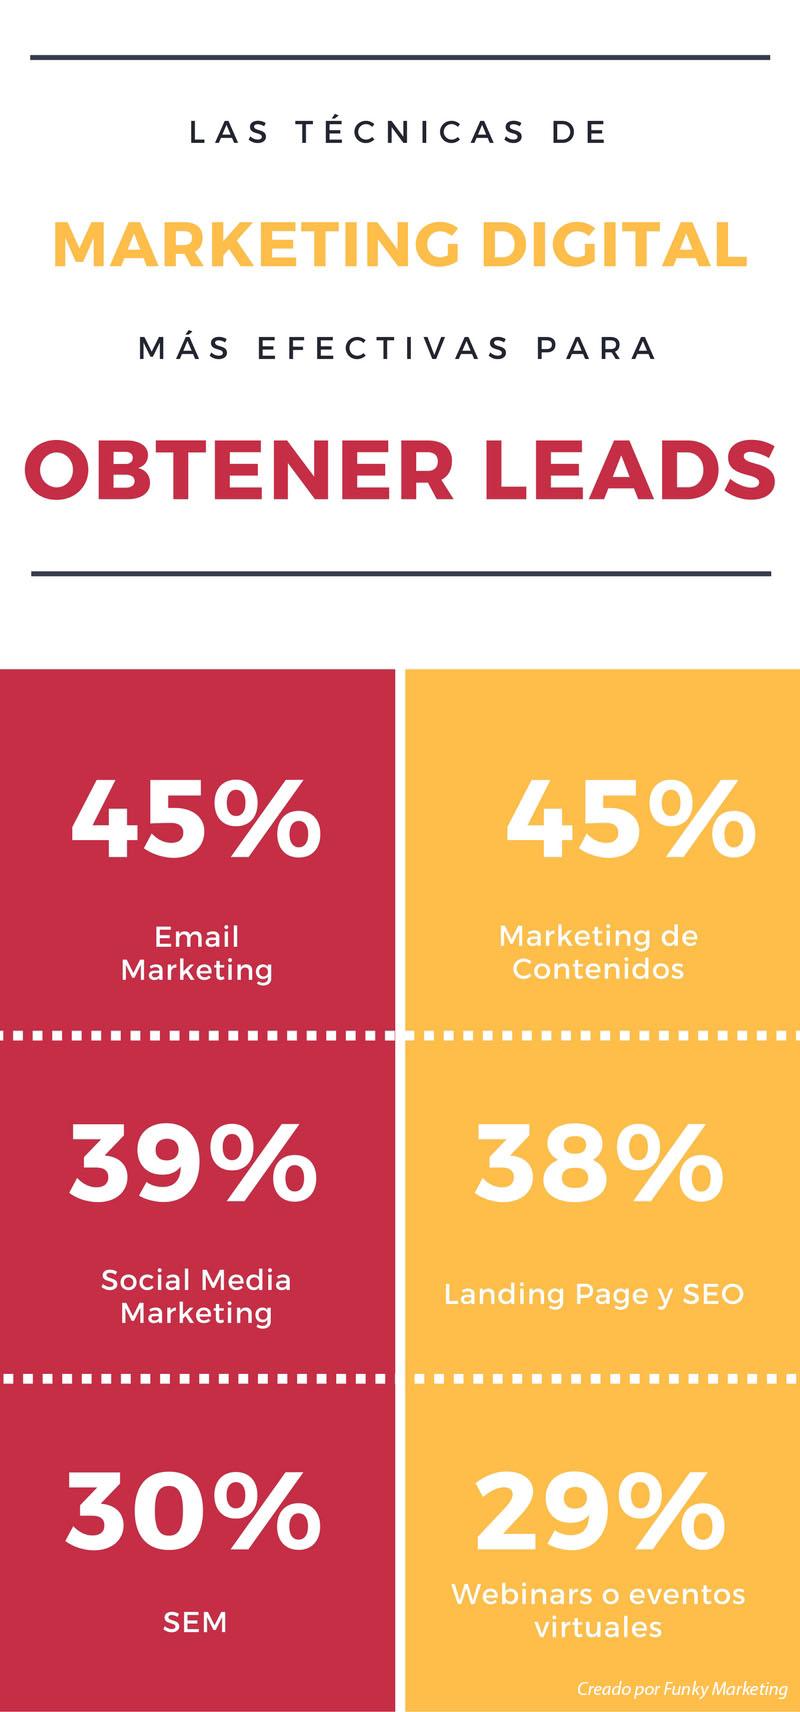 ¿Cuáles son las mejores estrategias para conseguir leads?